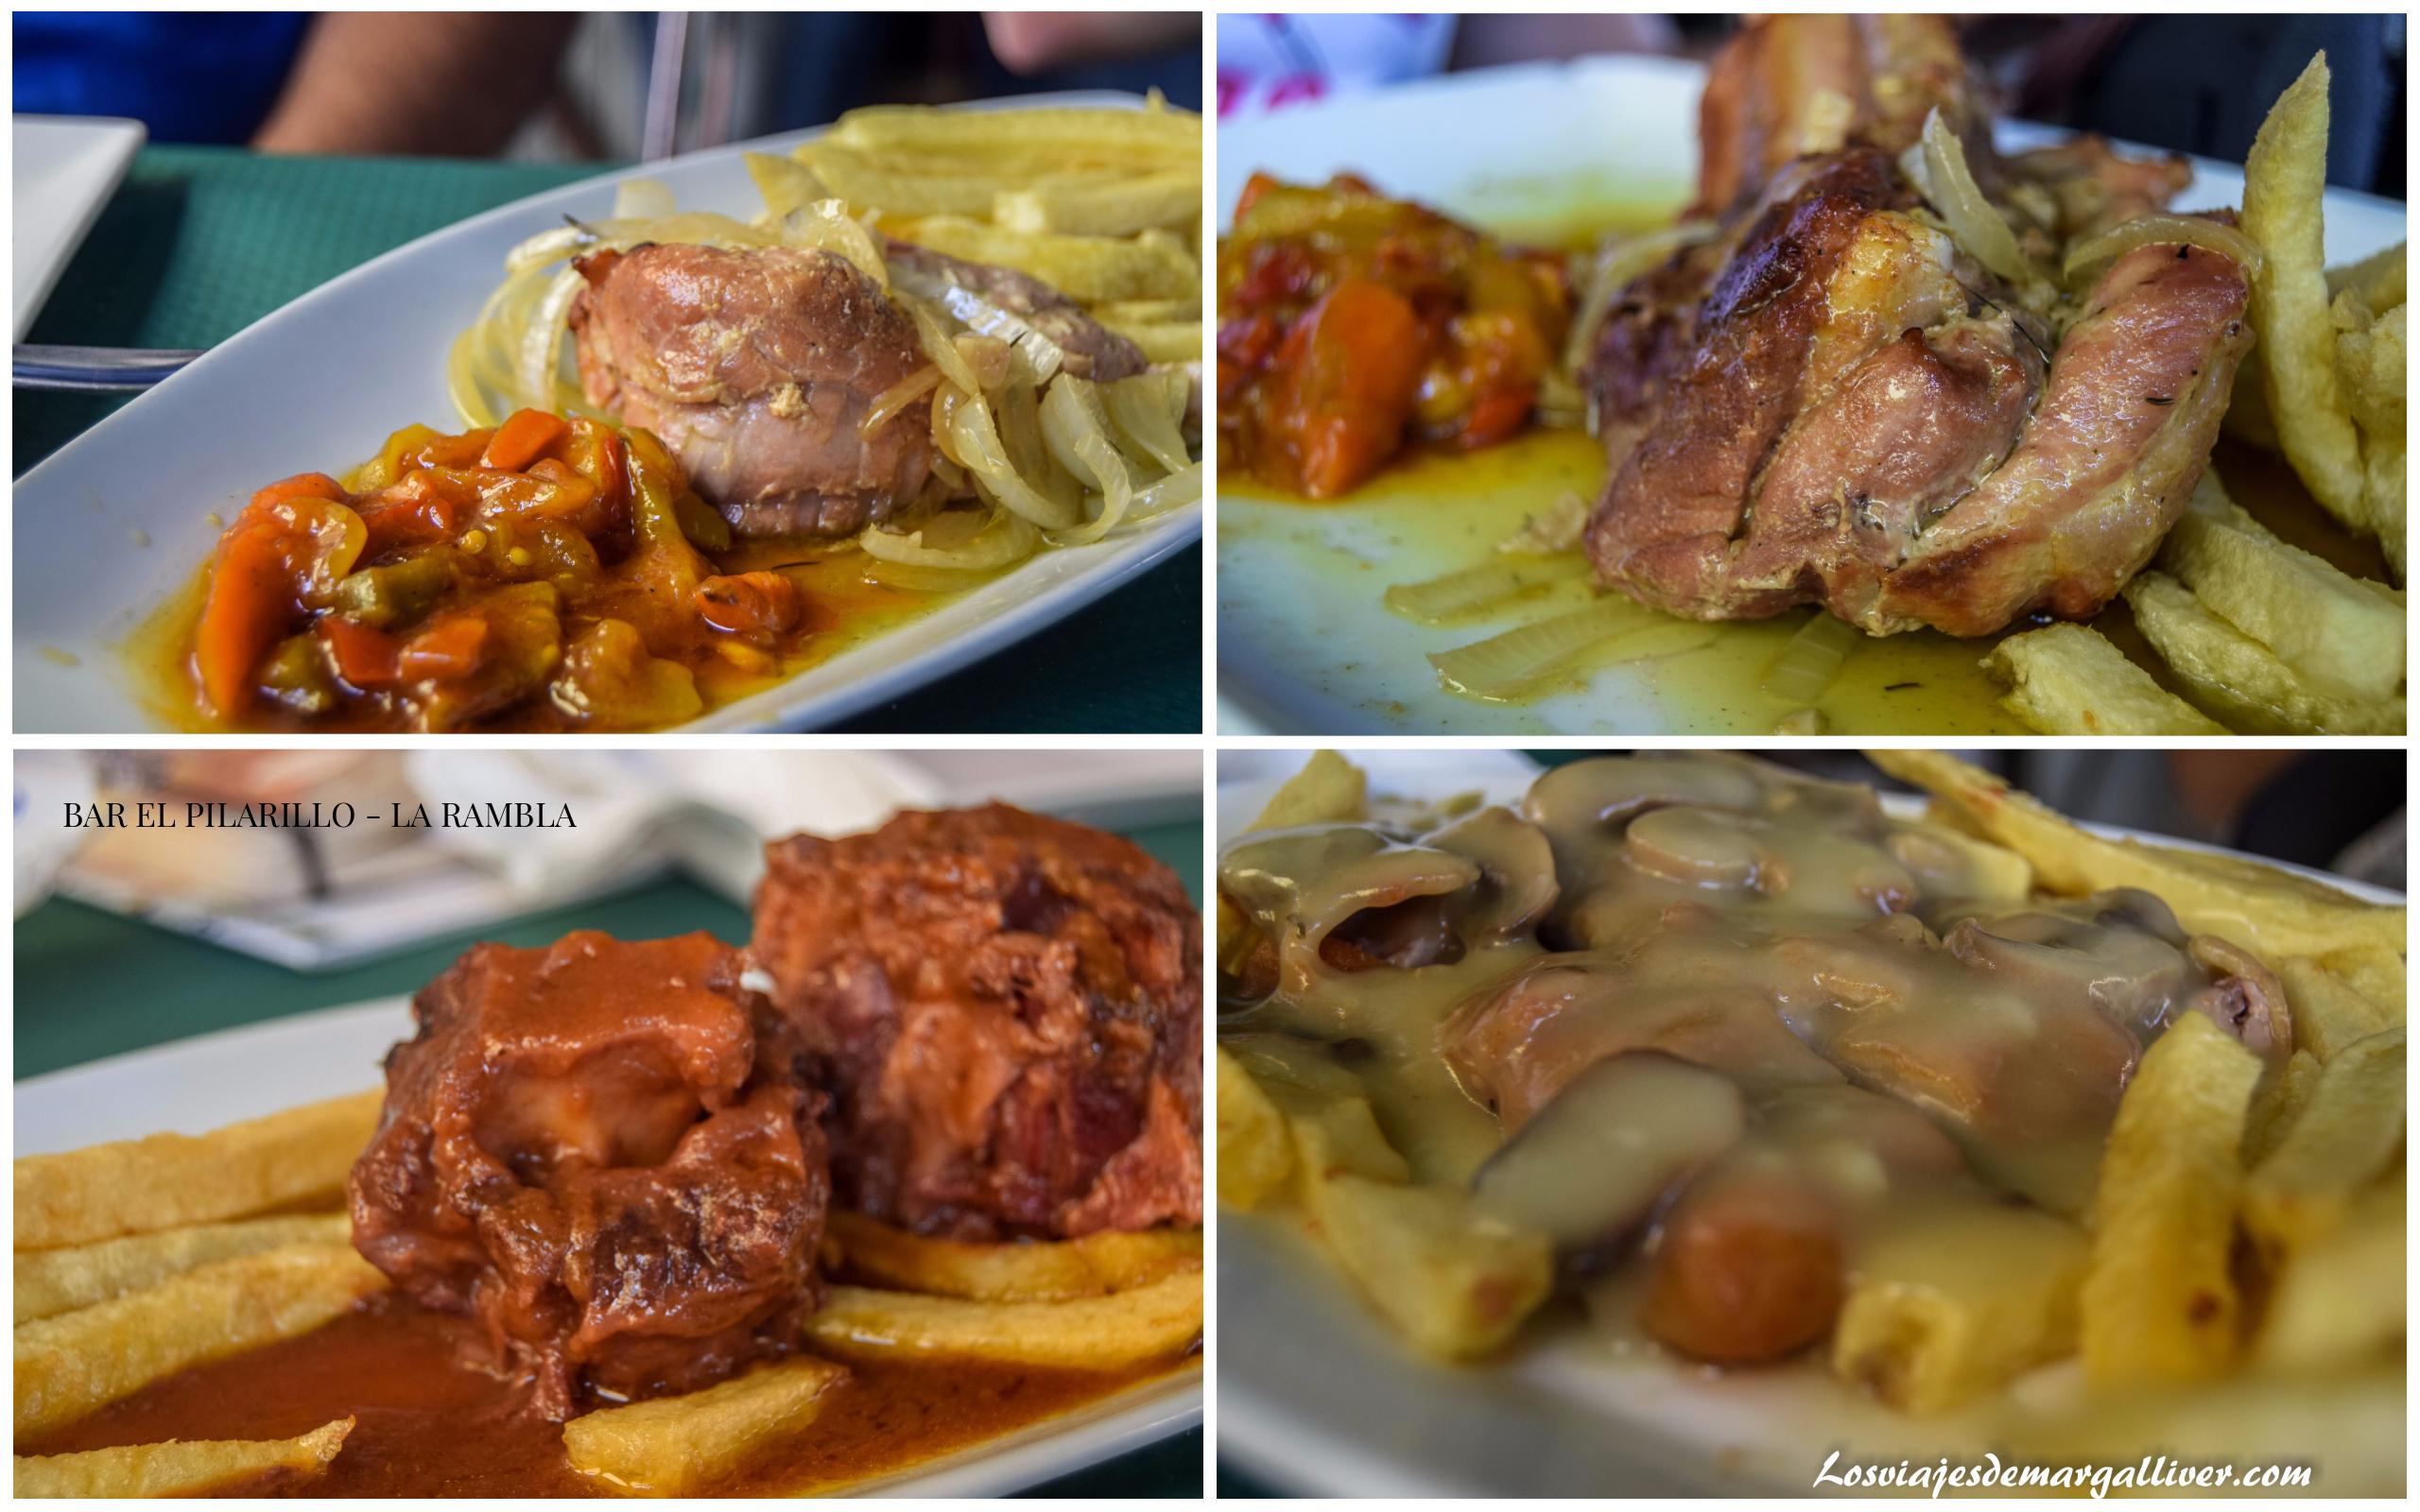 Platos degustados en el Bar el Pilarillo en la Rambla , Córdoba - Los viajes de Margalliver